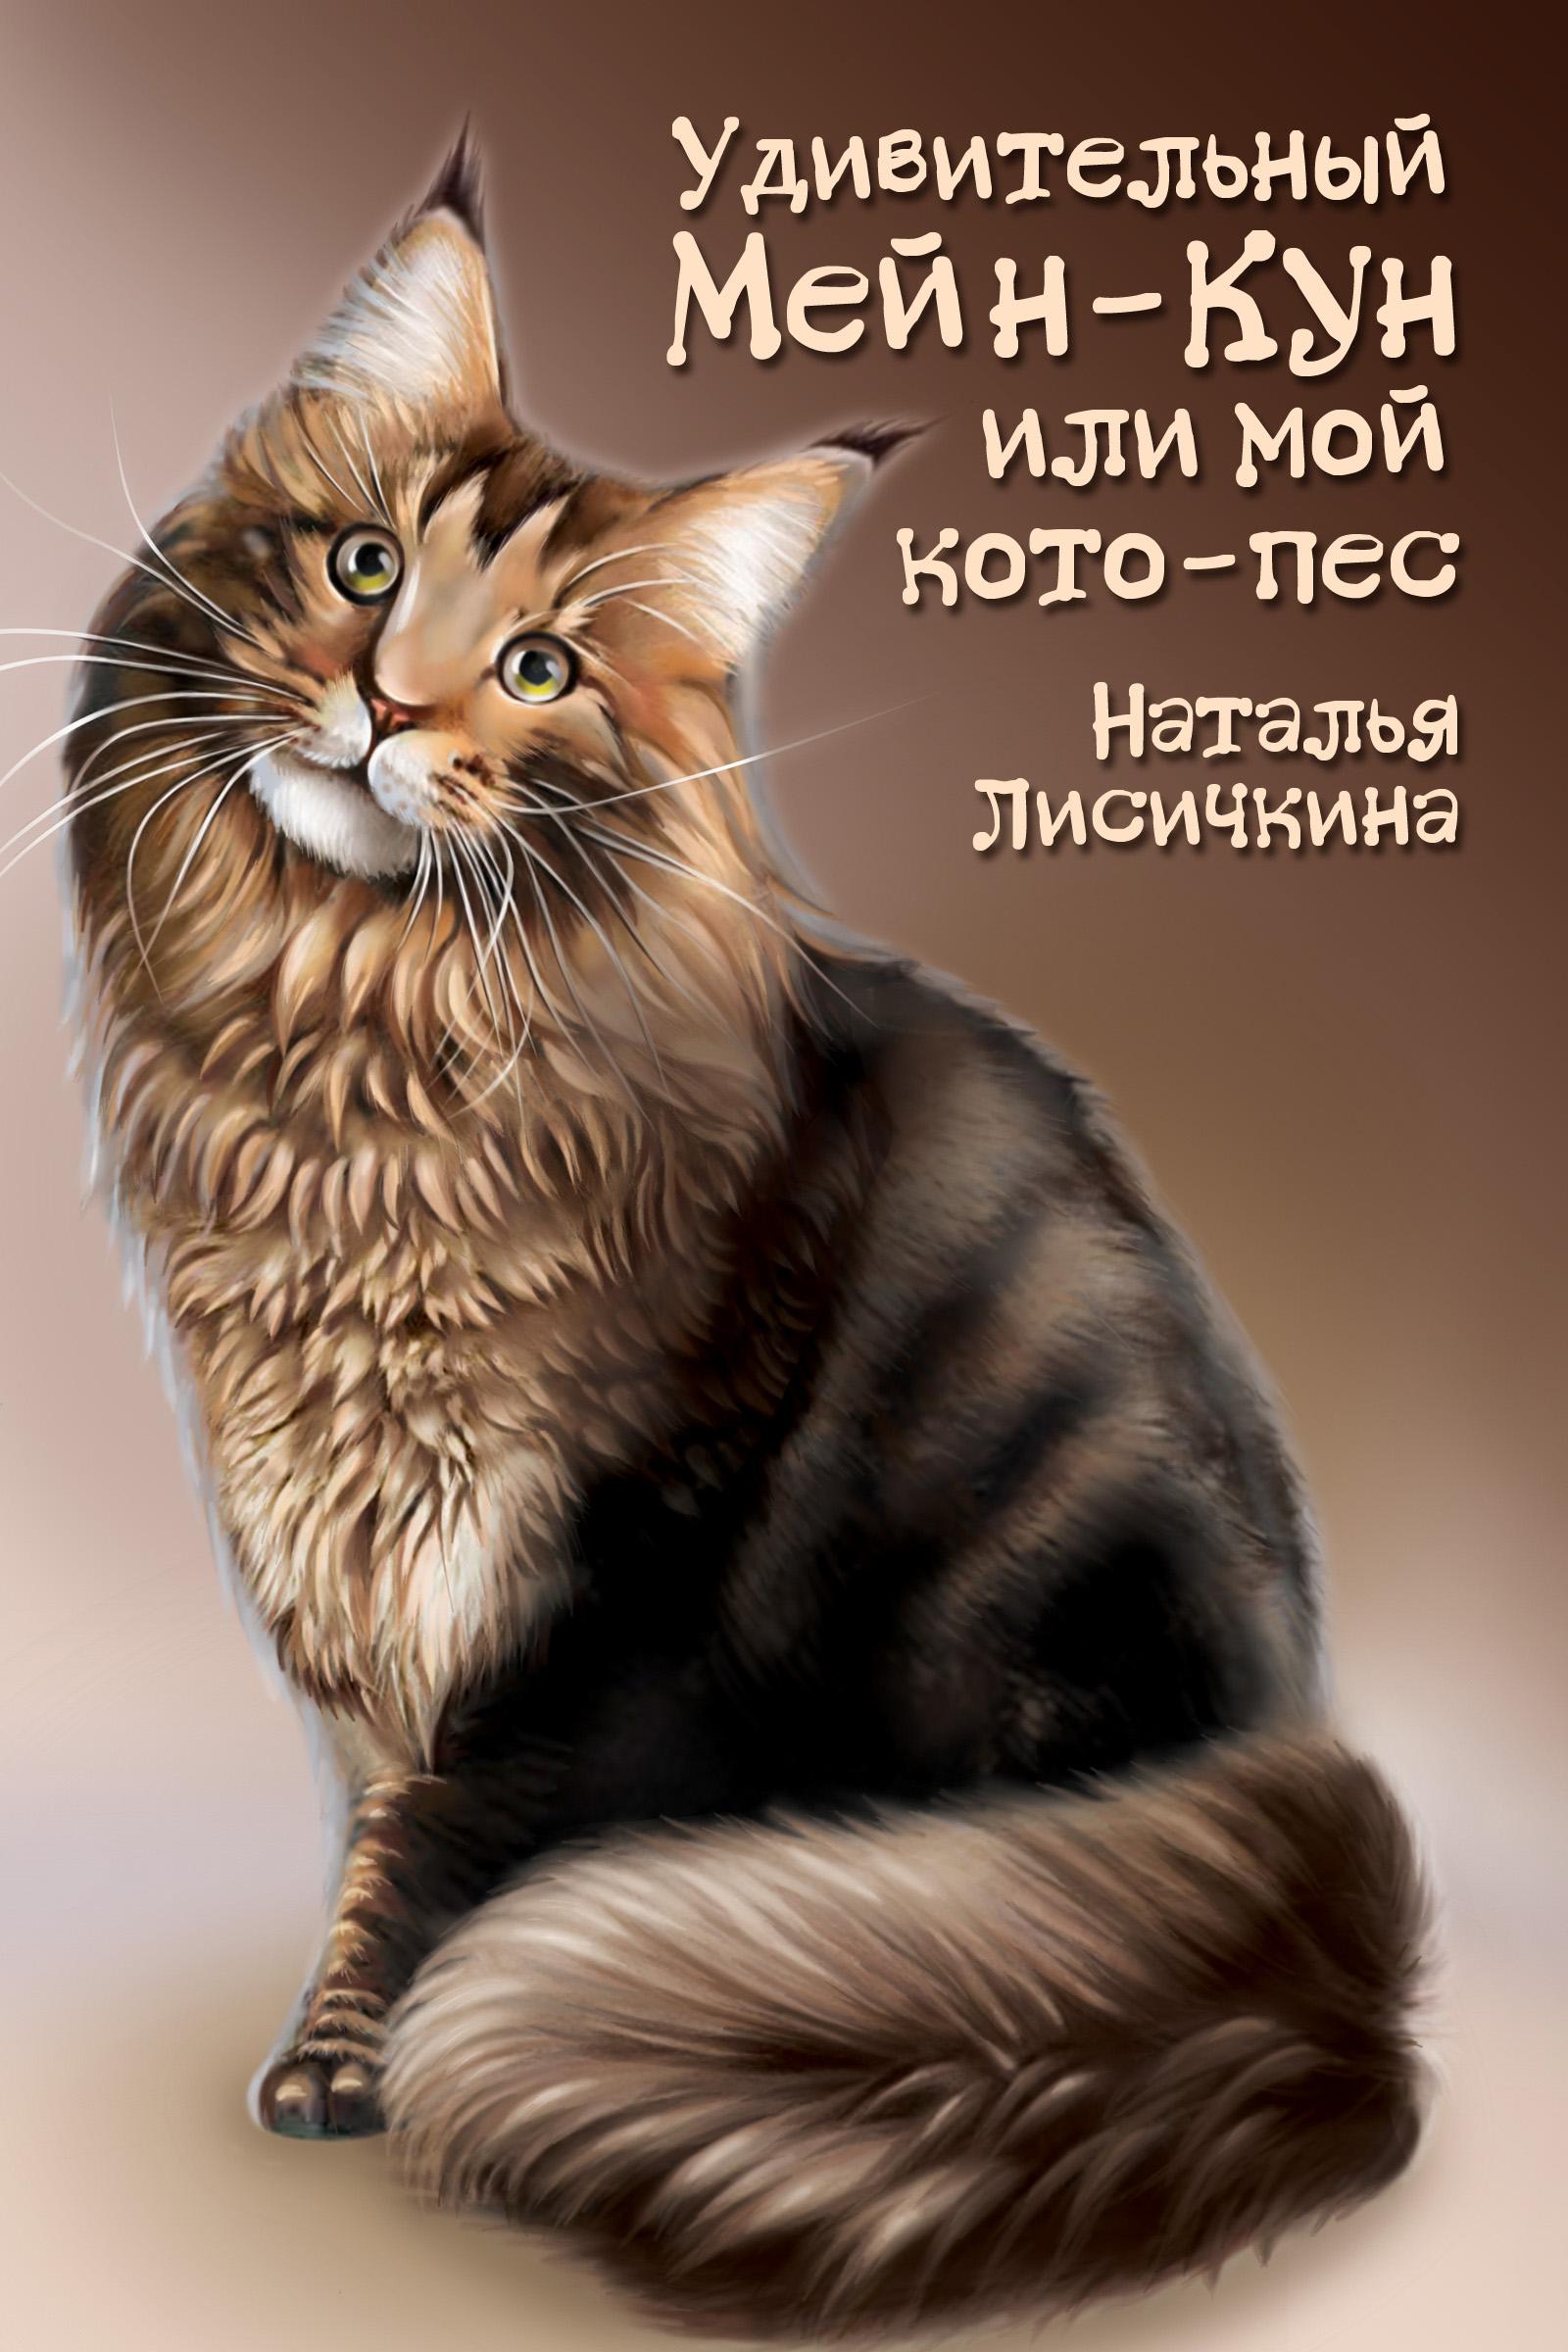 Удивительный Мейн-Кун, или Мой кото-пес